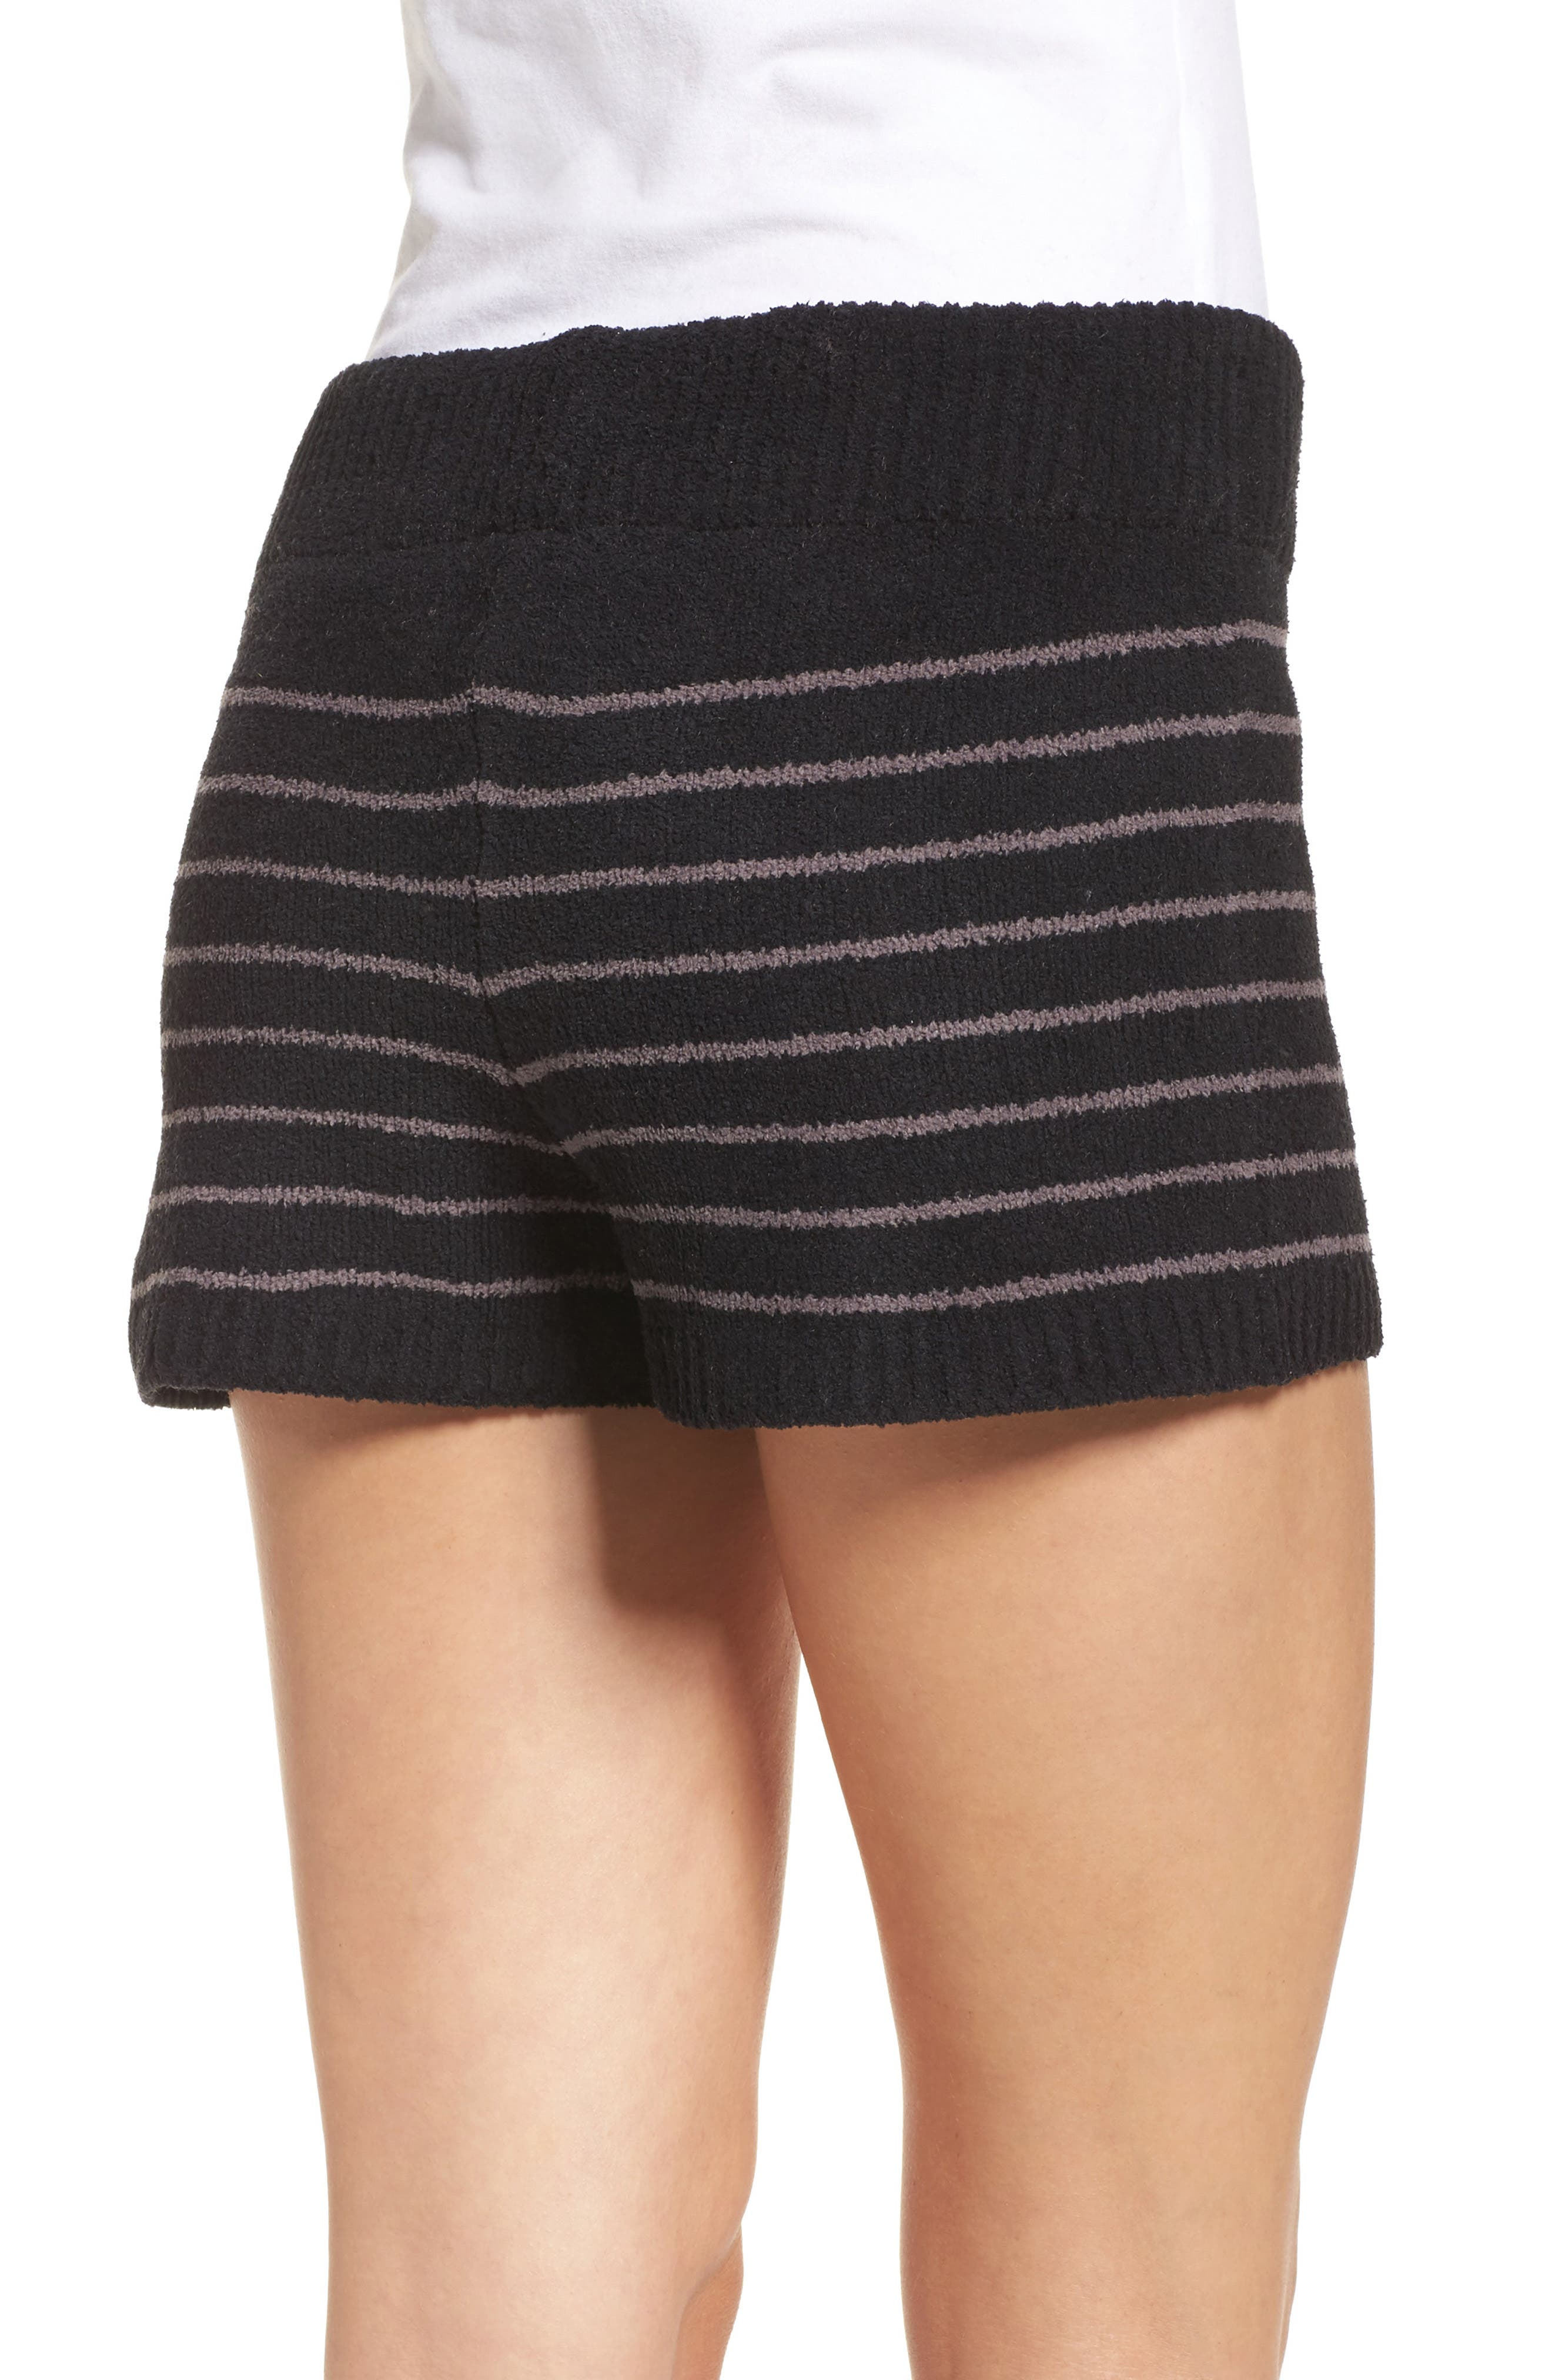 Marshmallow Lounge Shorts,                             Alternate thumbnail 2, color,                             001